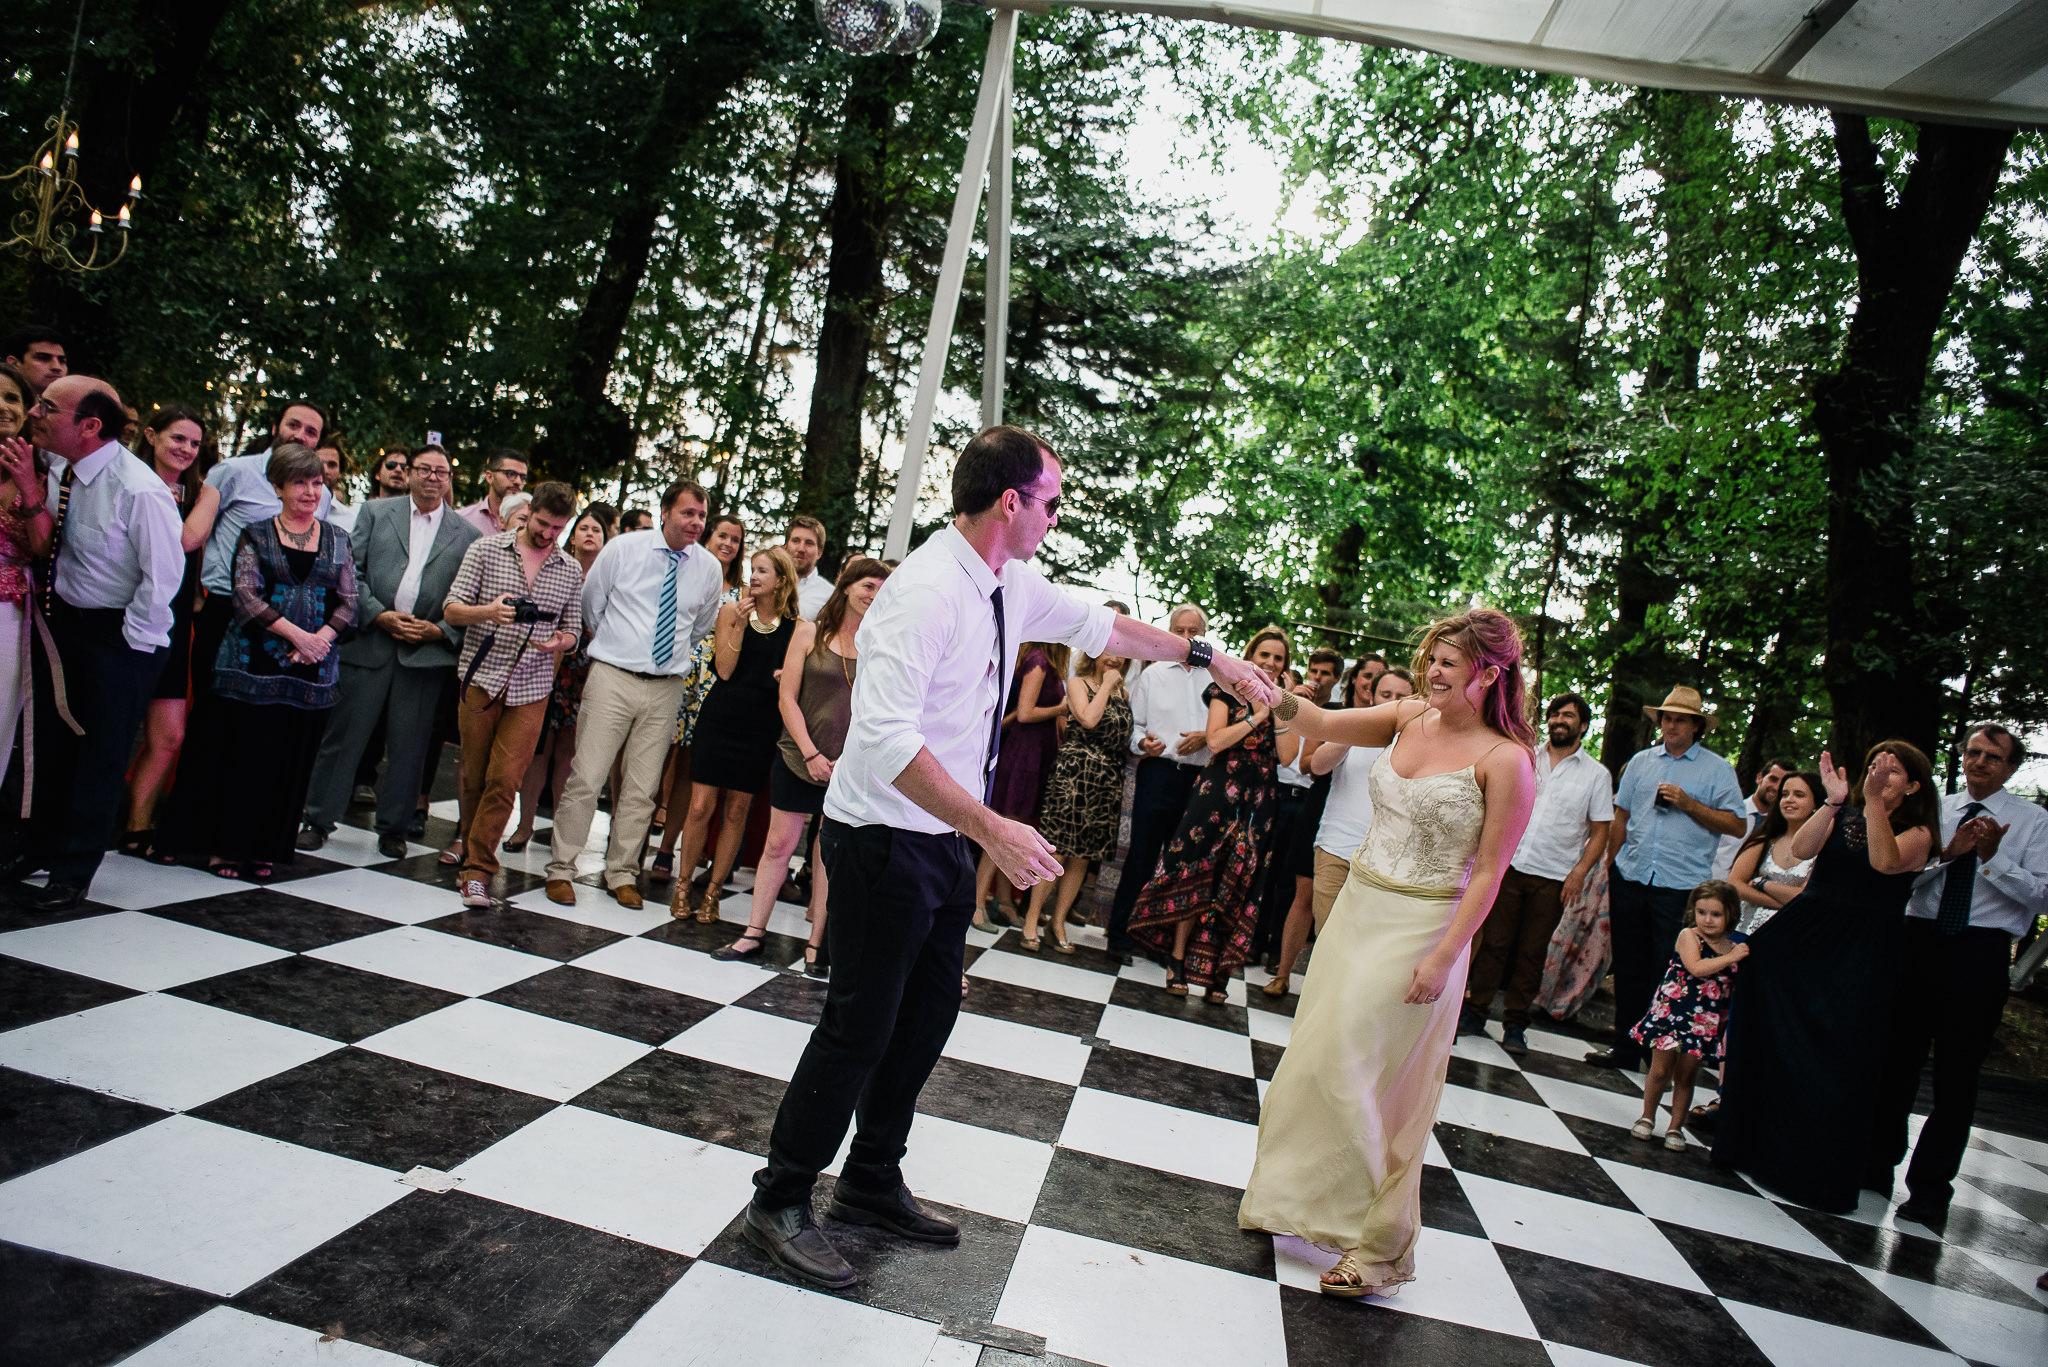 Matrimonio Catolico Al Aire Libre Chile : Matrimonio al aire libre santiago gino israel fotógrafo